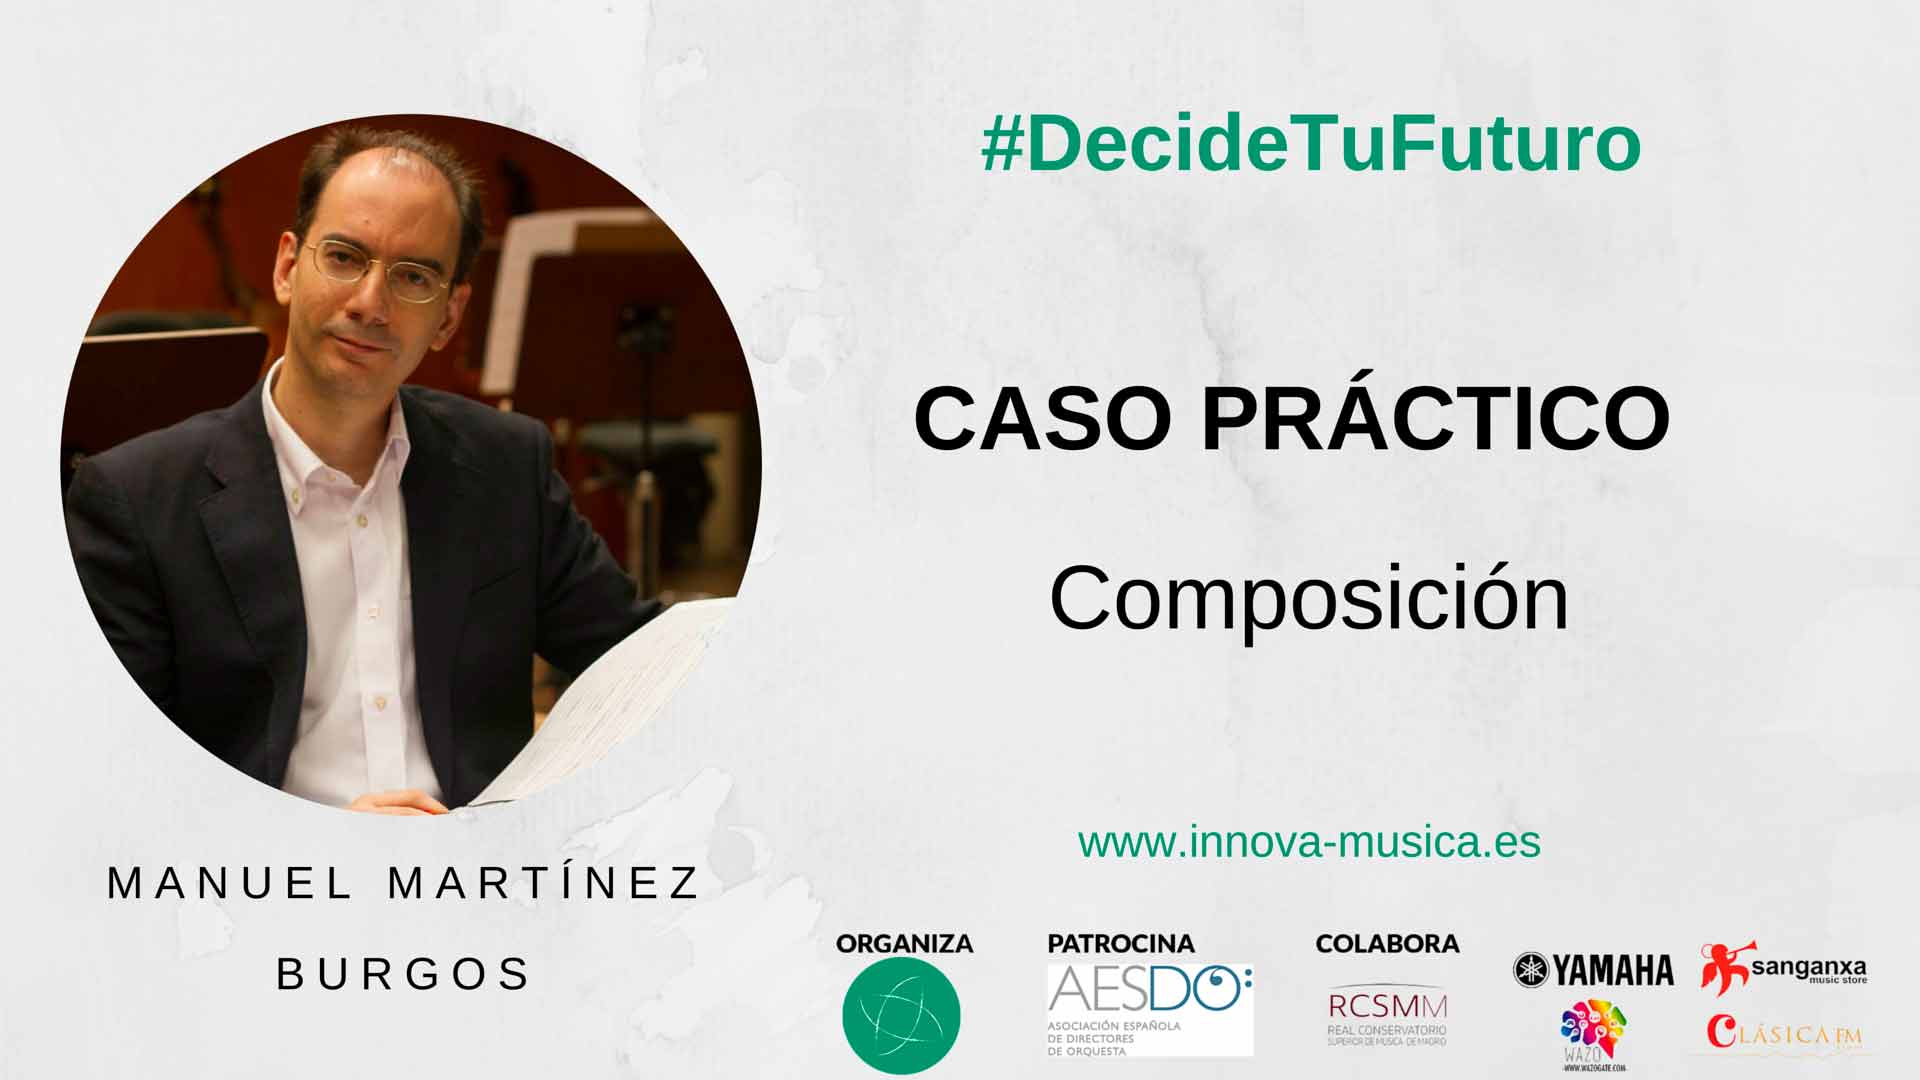 Manuel-Martínez-Burgos-Caso-Práctico-Composición